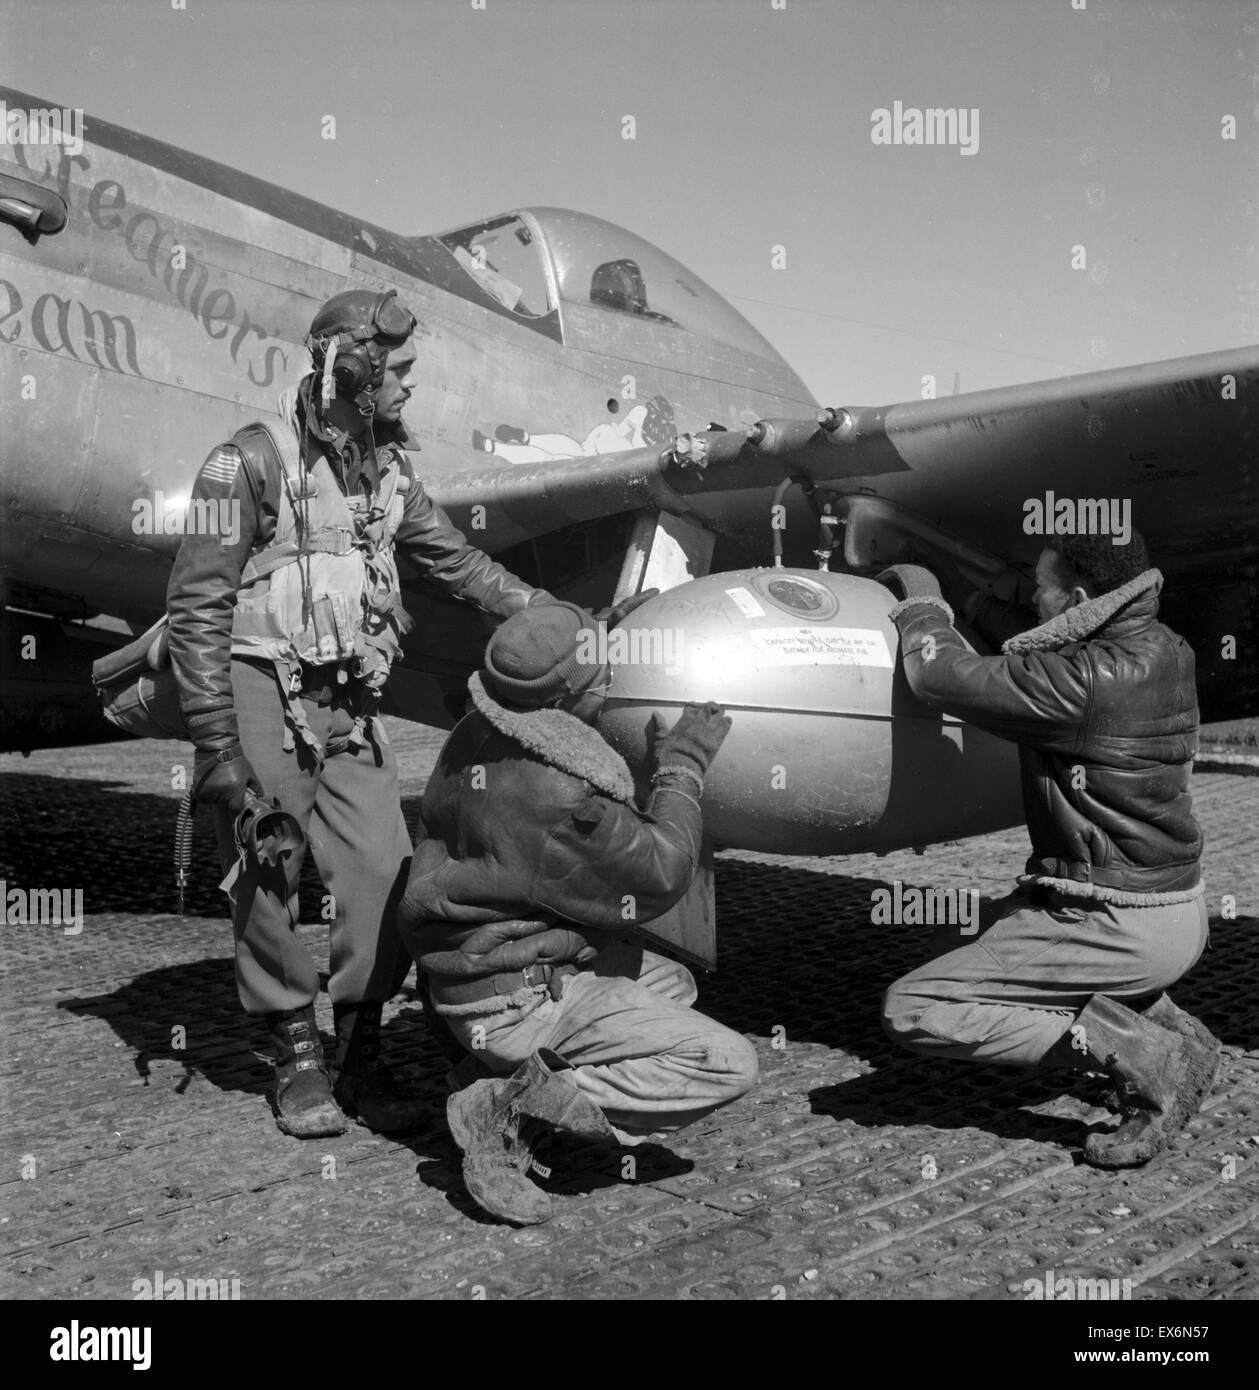 Photographie d'Edward C. Gleed et deux aviateurs, Ramitelli Tuskegee non identifiés, de l'Italie. Photographié Photo Stock